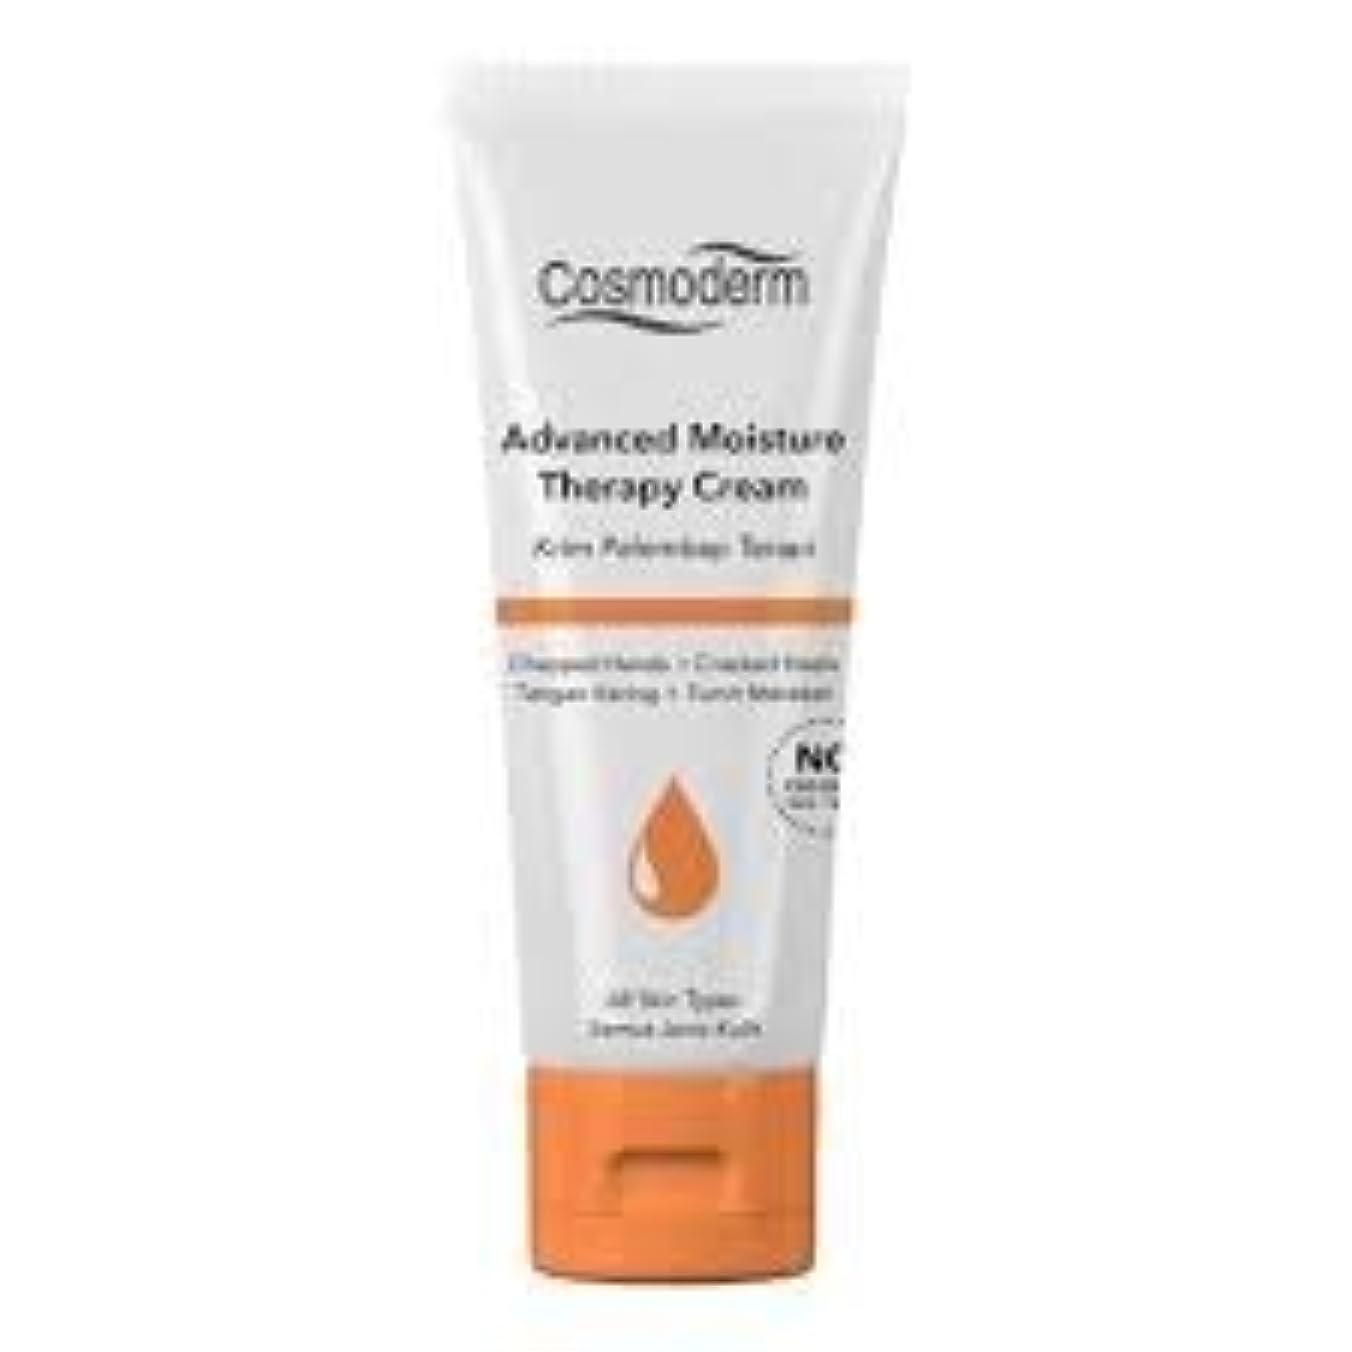 ホイットニー試す満足COSMODERM 高度な水処理の関節クリーム60ミリリットル - ハード、肌荒れに潤いと和らげます